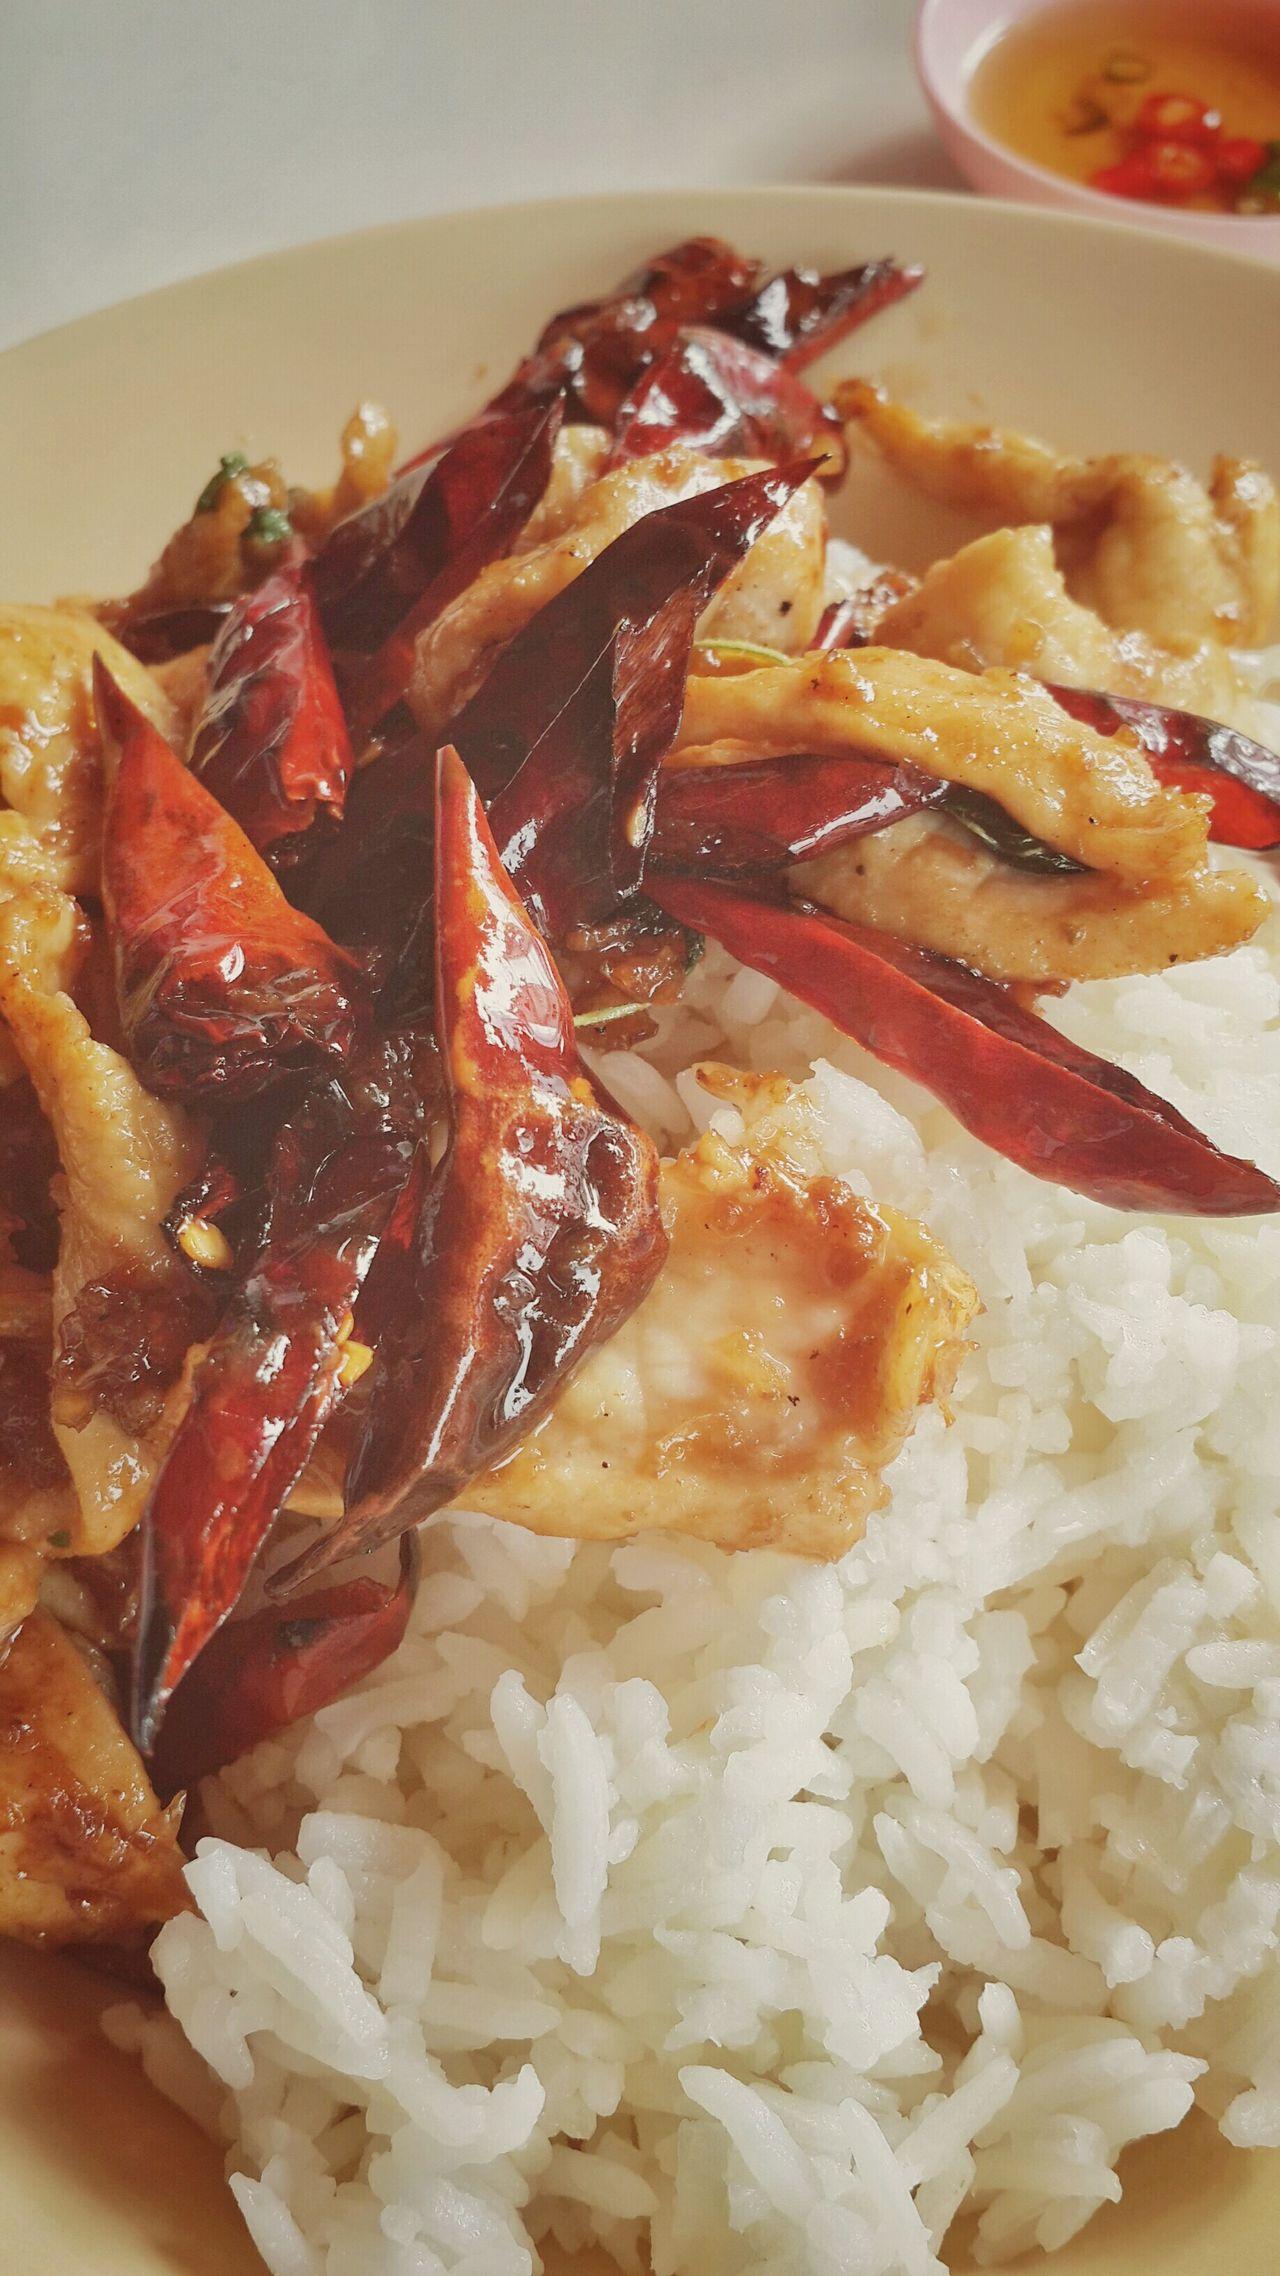 ไก่ผักพริกแห้ง chicken with dried chilli Foodphotography Thaifood My World of Food My World Of Food